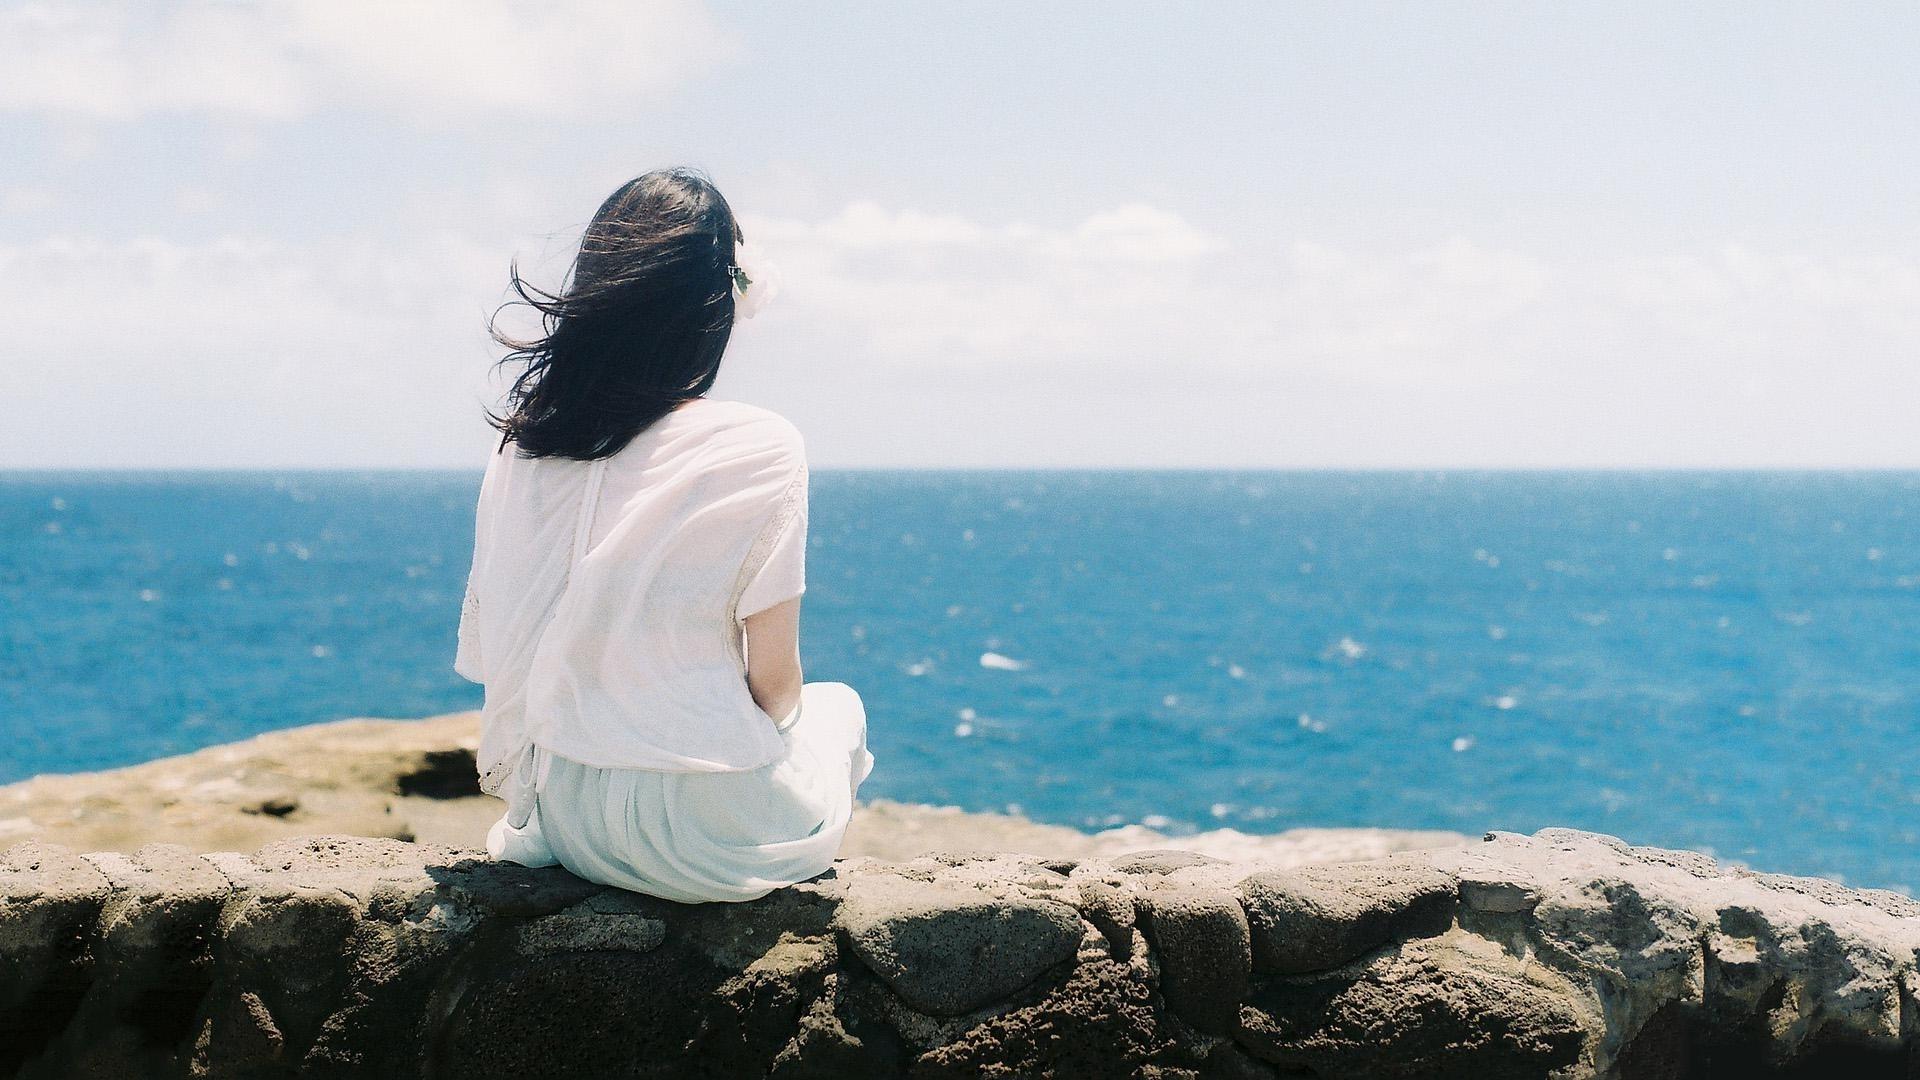 Hình nền cô gái cô đơn một mình ngắm biển xanh